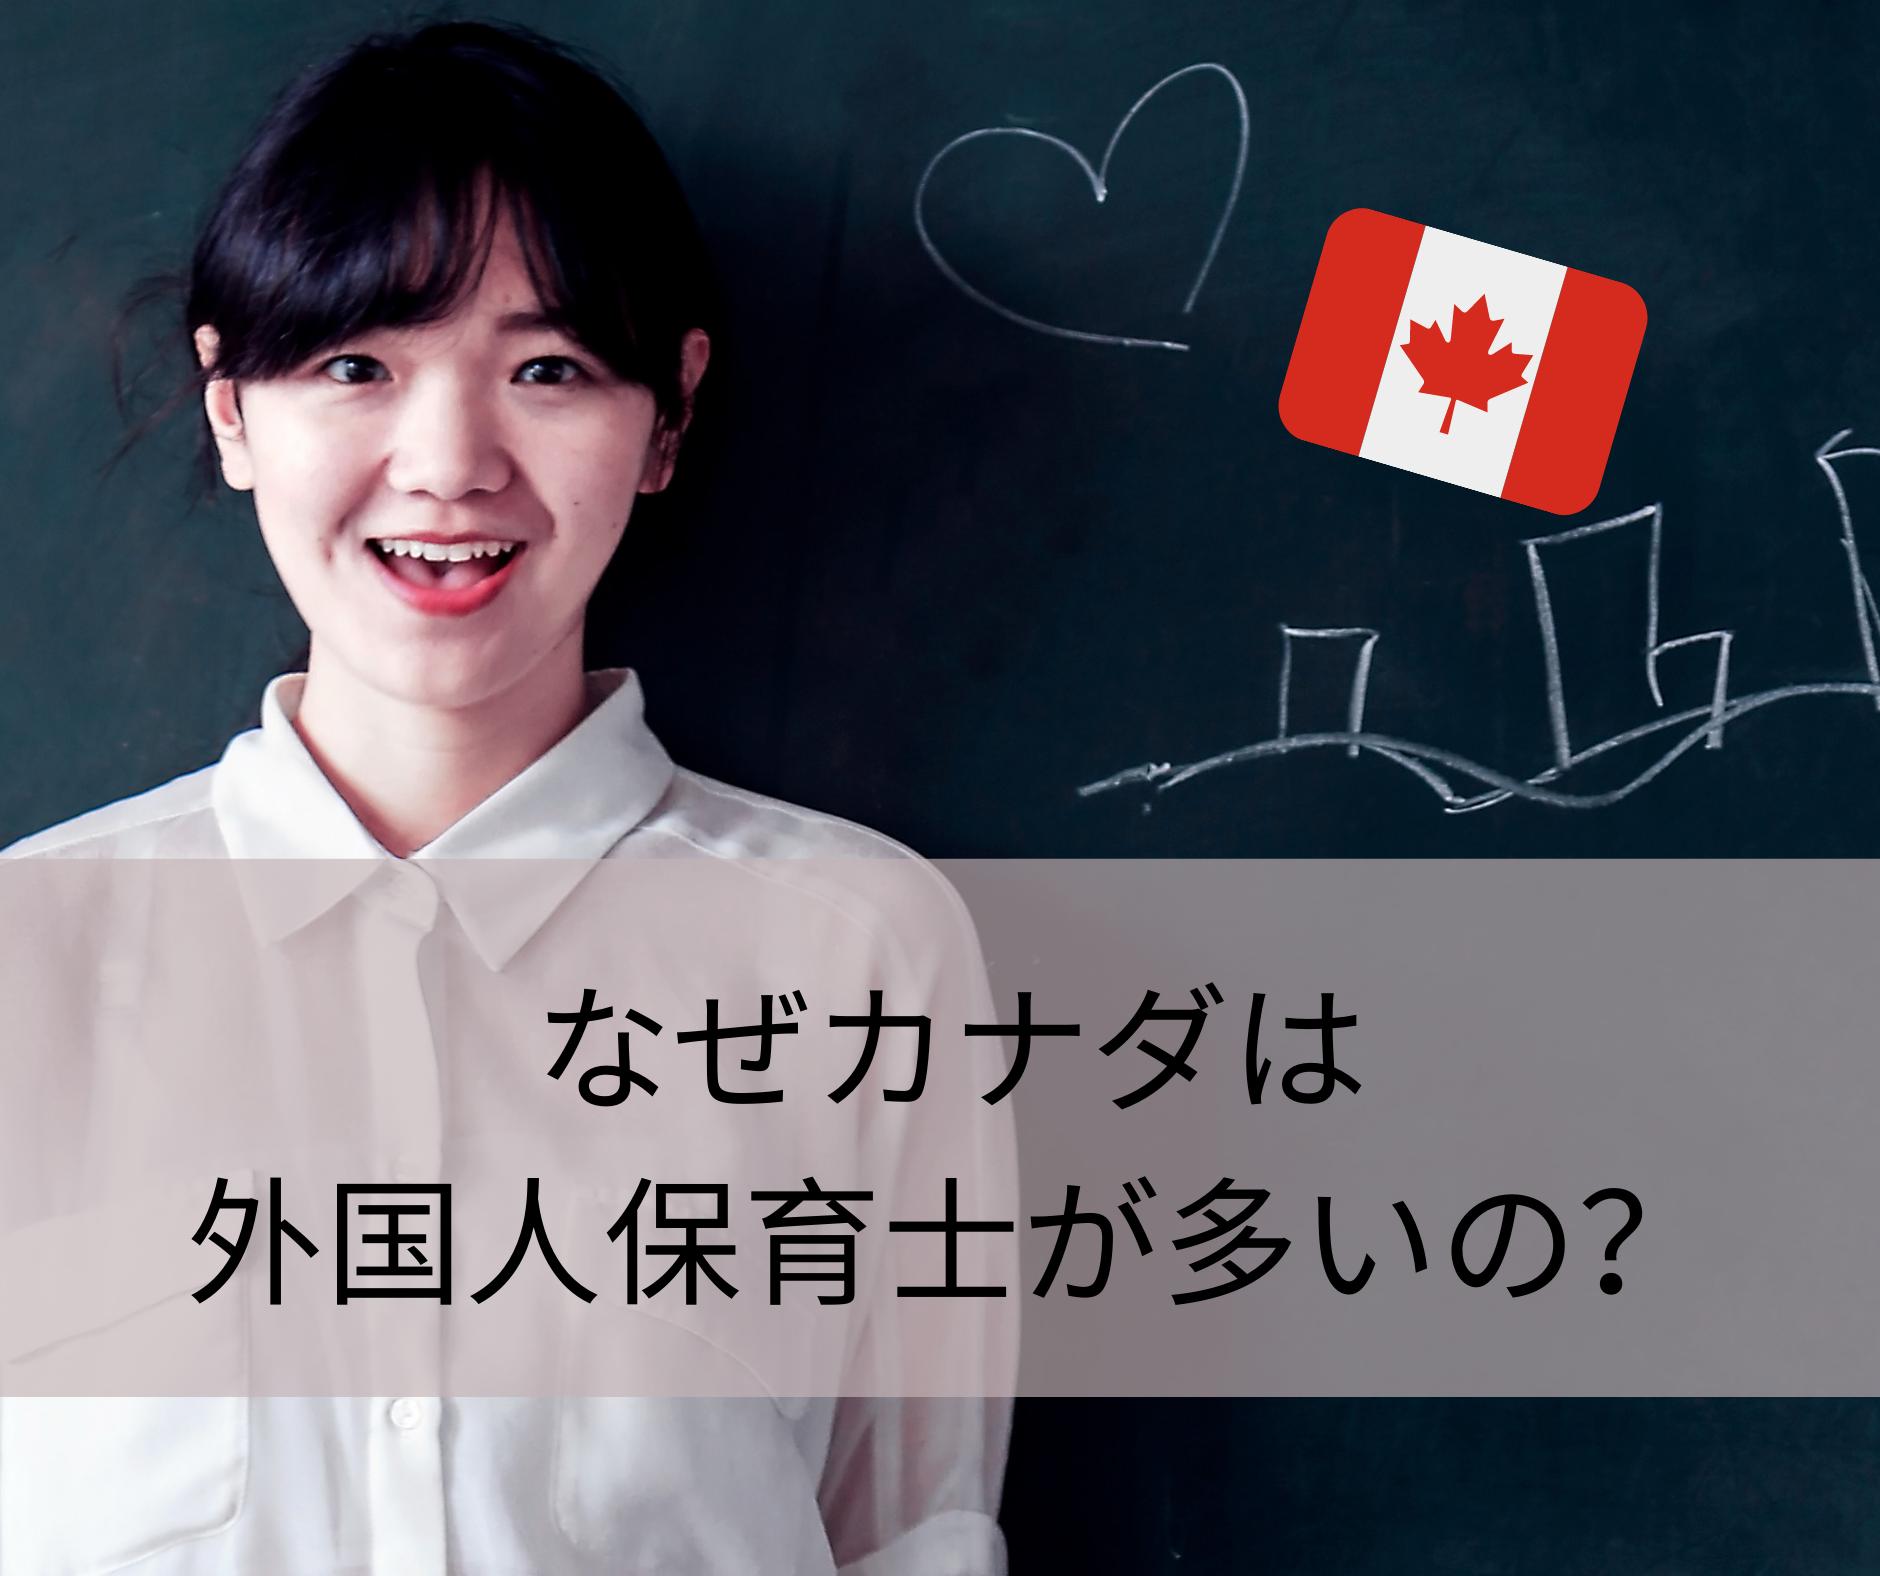 なぜカナダは外国人保育士が多いの?